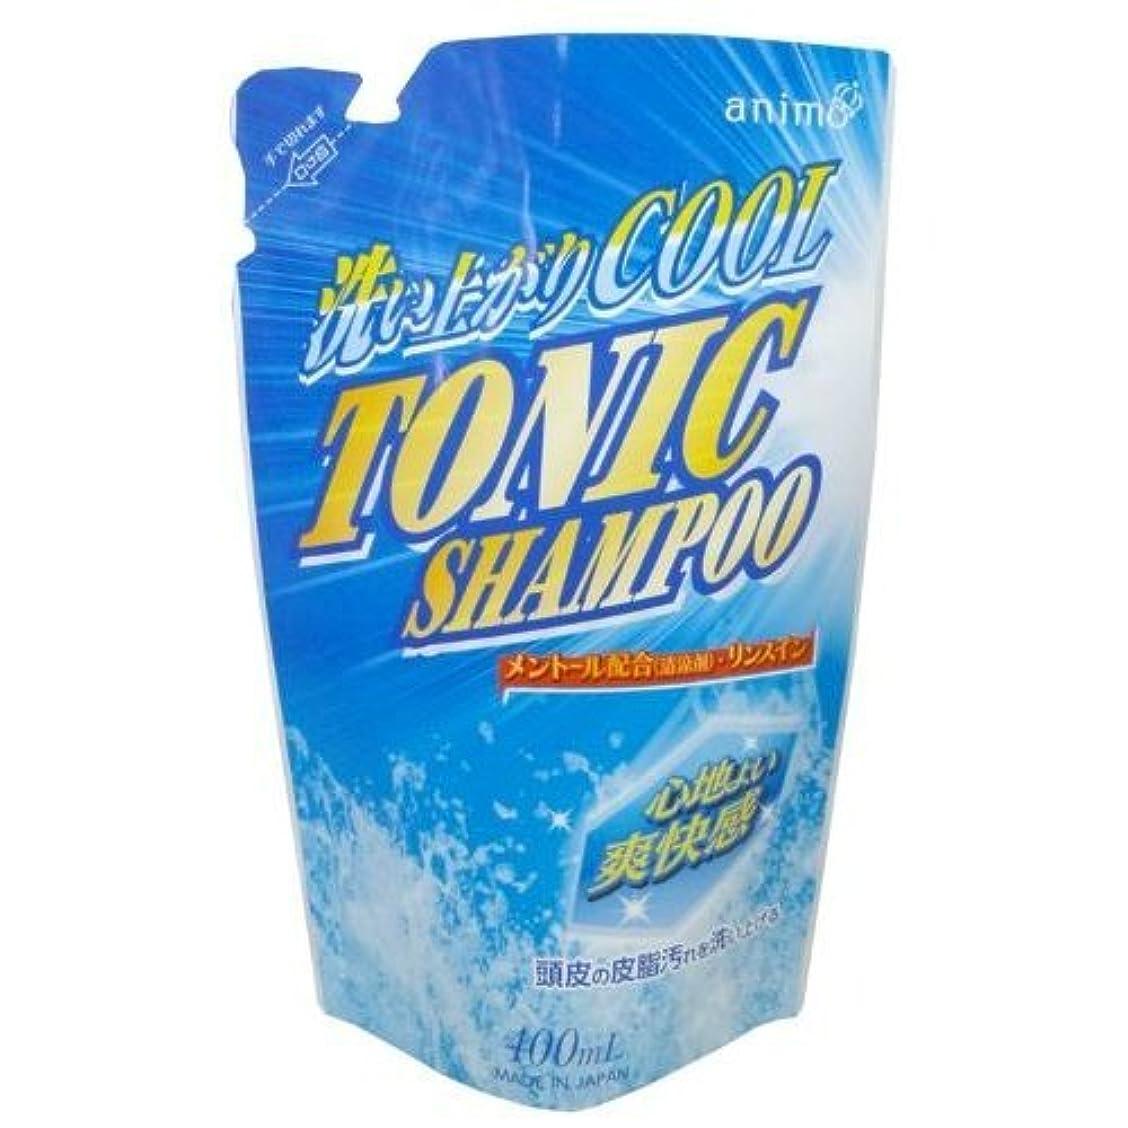 符号制限湿気の多いロケット石鹸 トニックシャンプー 詰替用 400ml ×5点セット(4571113801403)